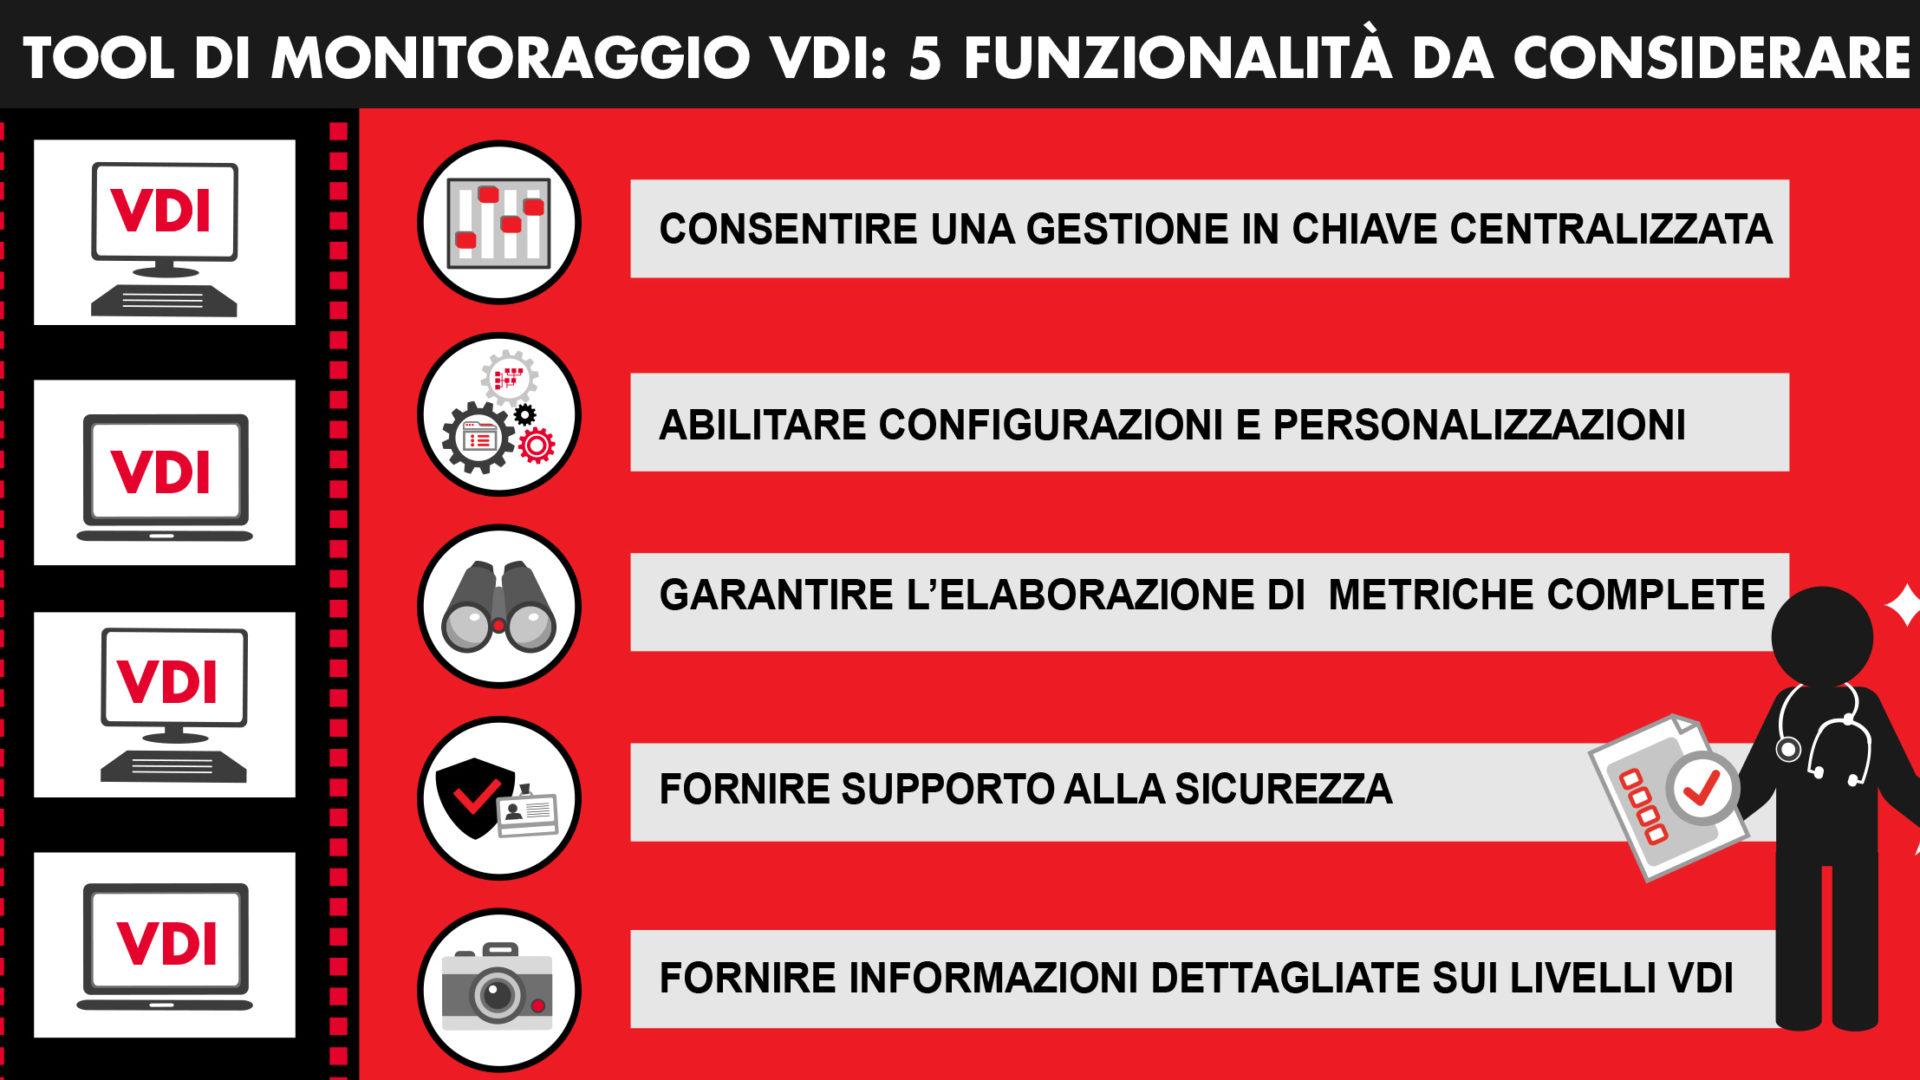 1 monitoraggio VDI 5 caratteristiche